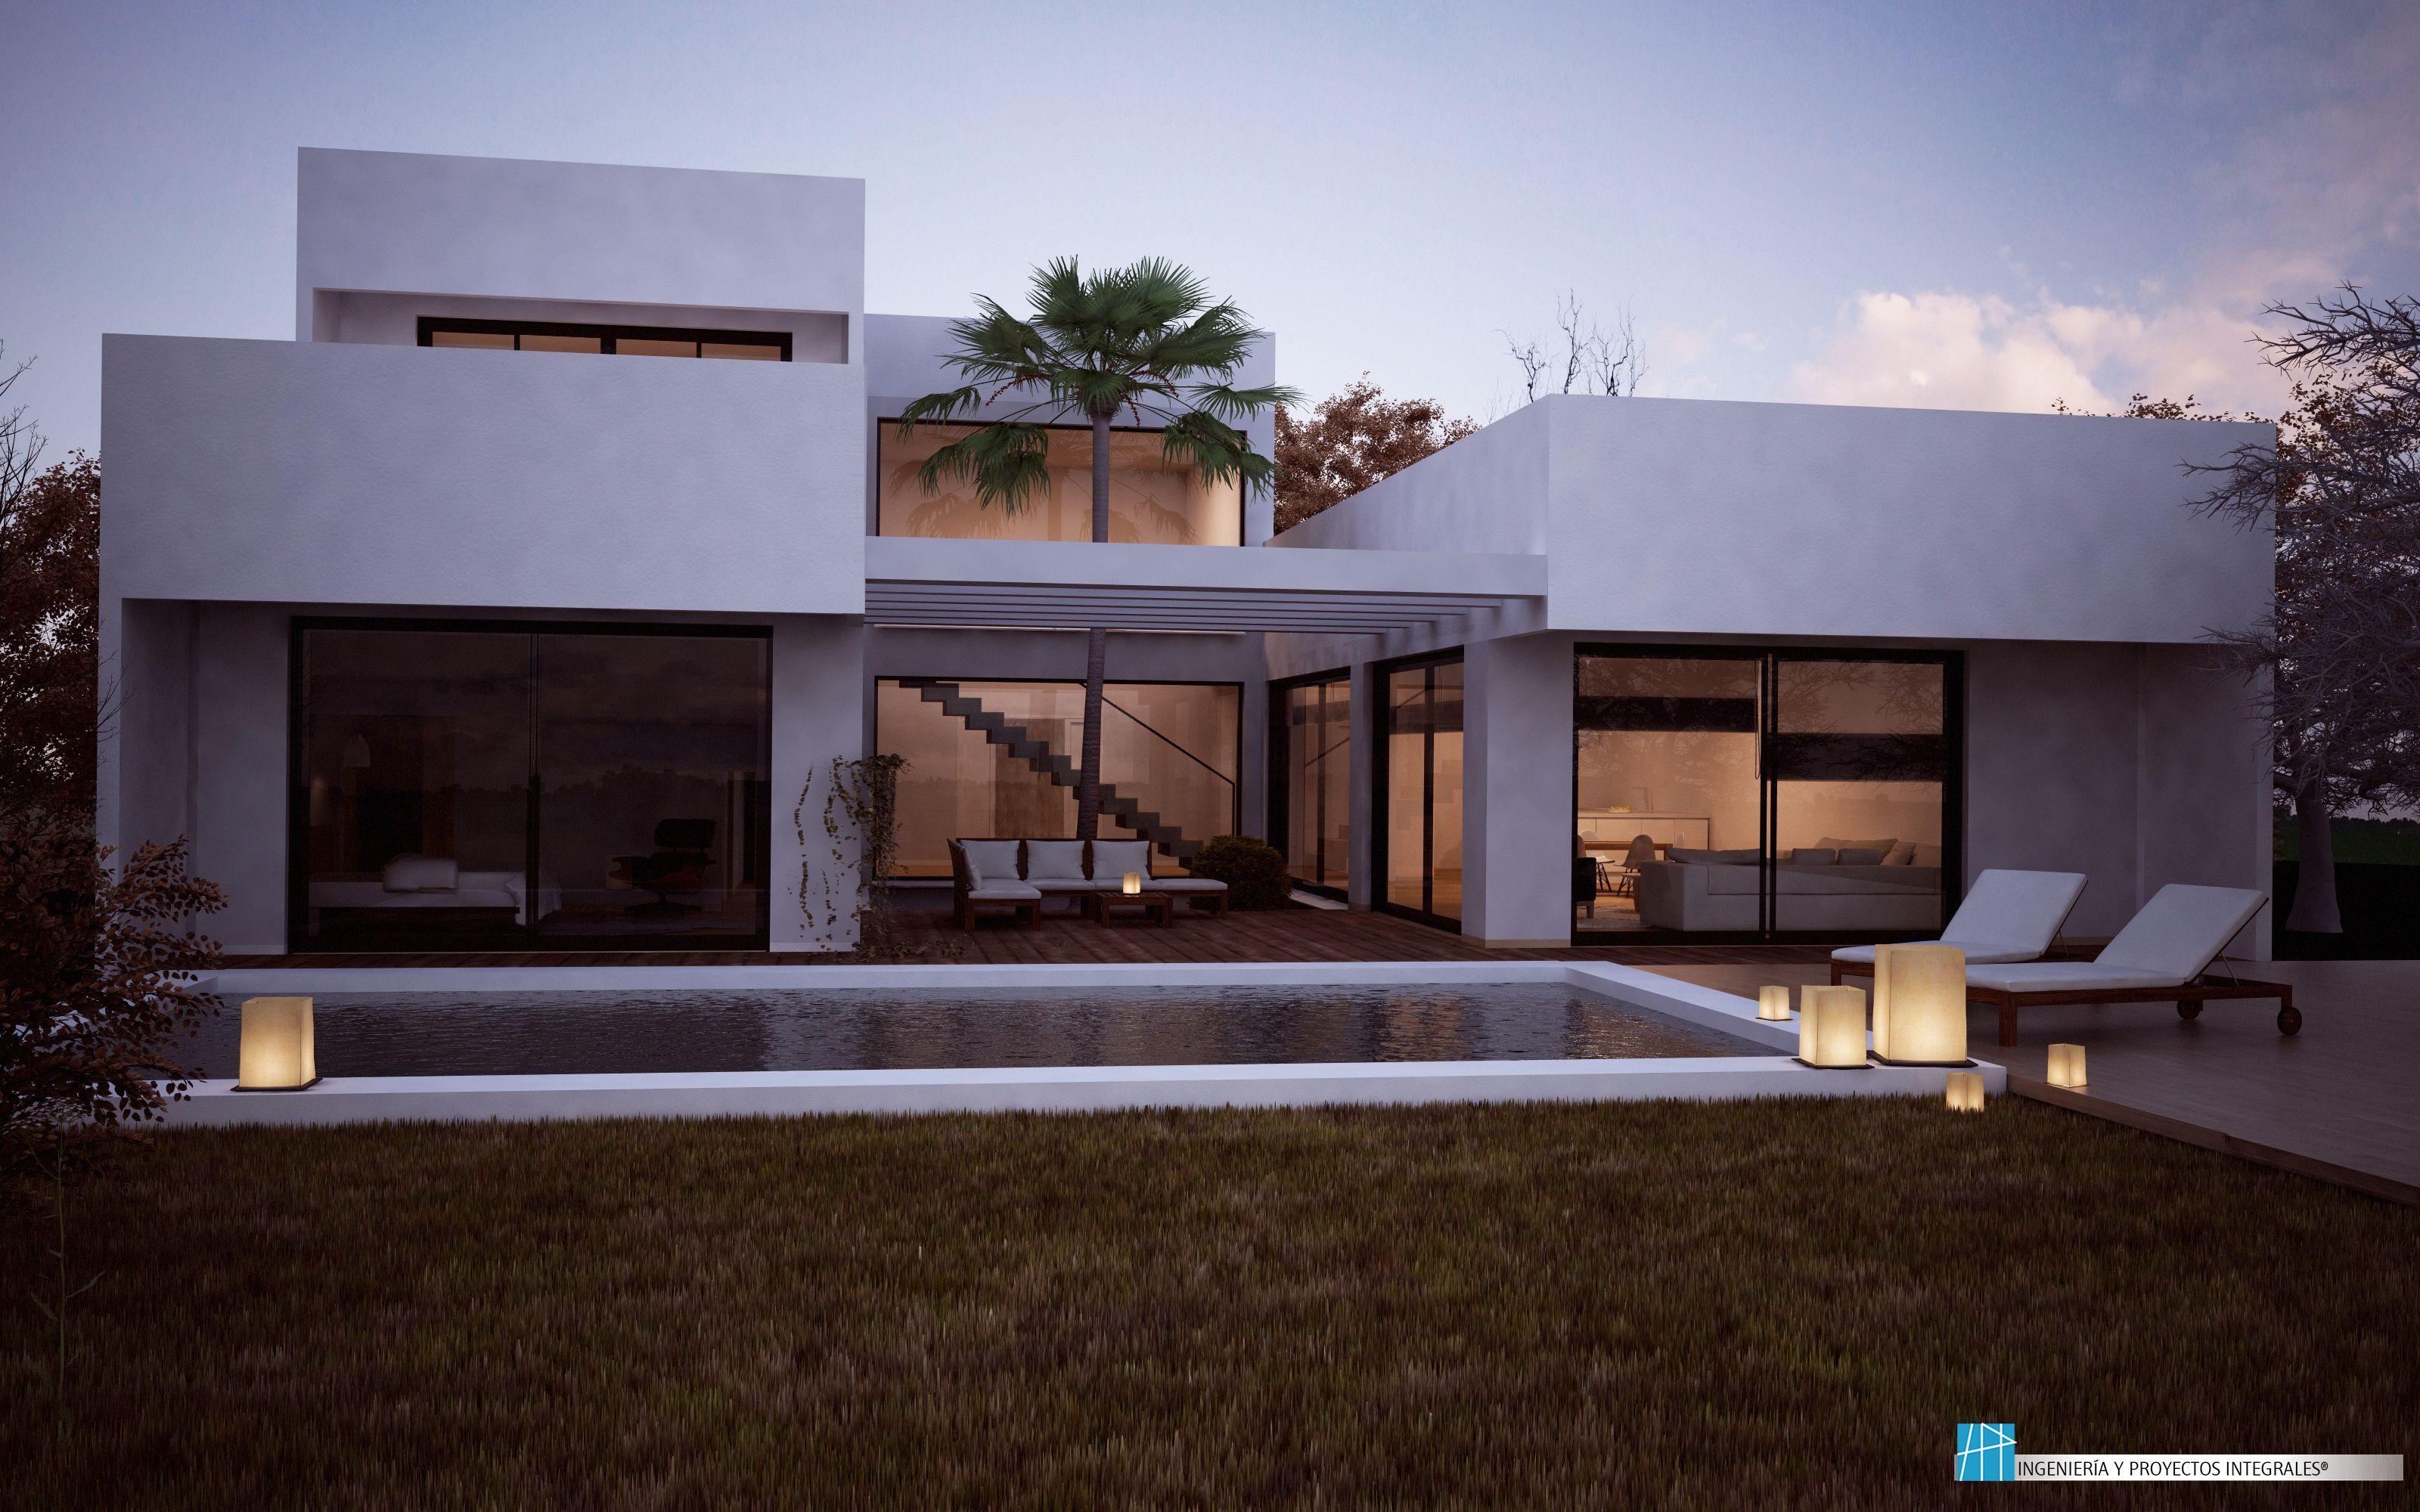 Viviendas unifamiliares casa patio arquitectura - Fachadas viviendas unifamiliares ...